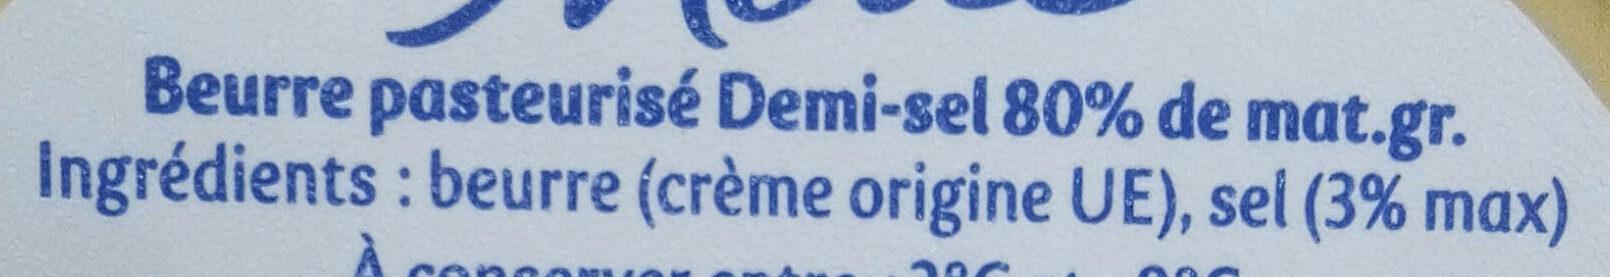 Beurre pasteurisé demi-sel 80% de mat.gr. - Ingredienti - fr